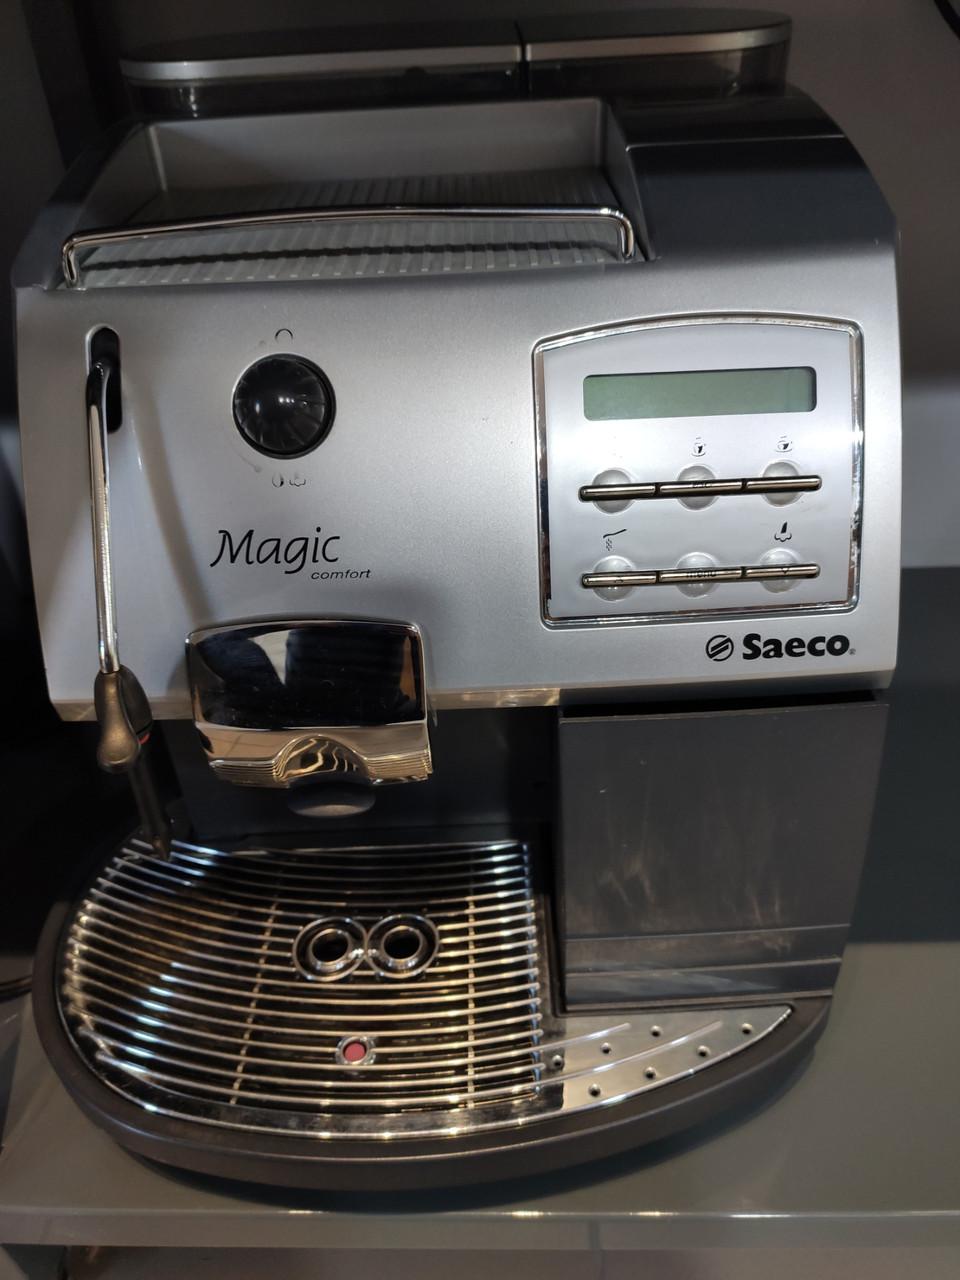 Кофемашина Saeco Magic Comfort new